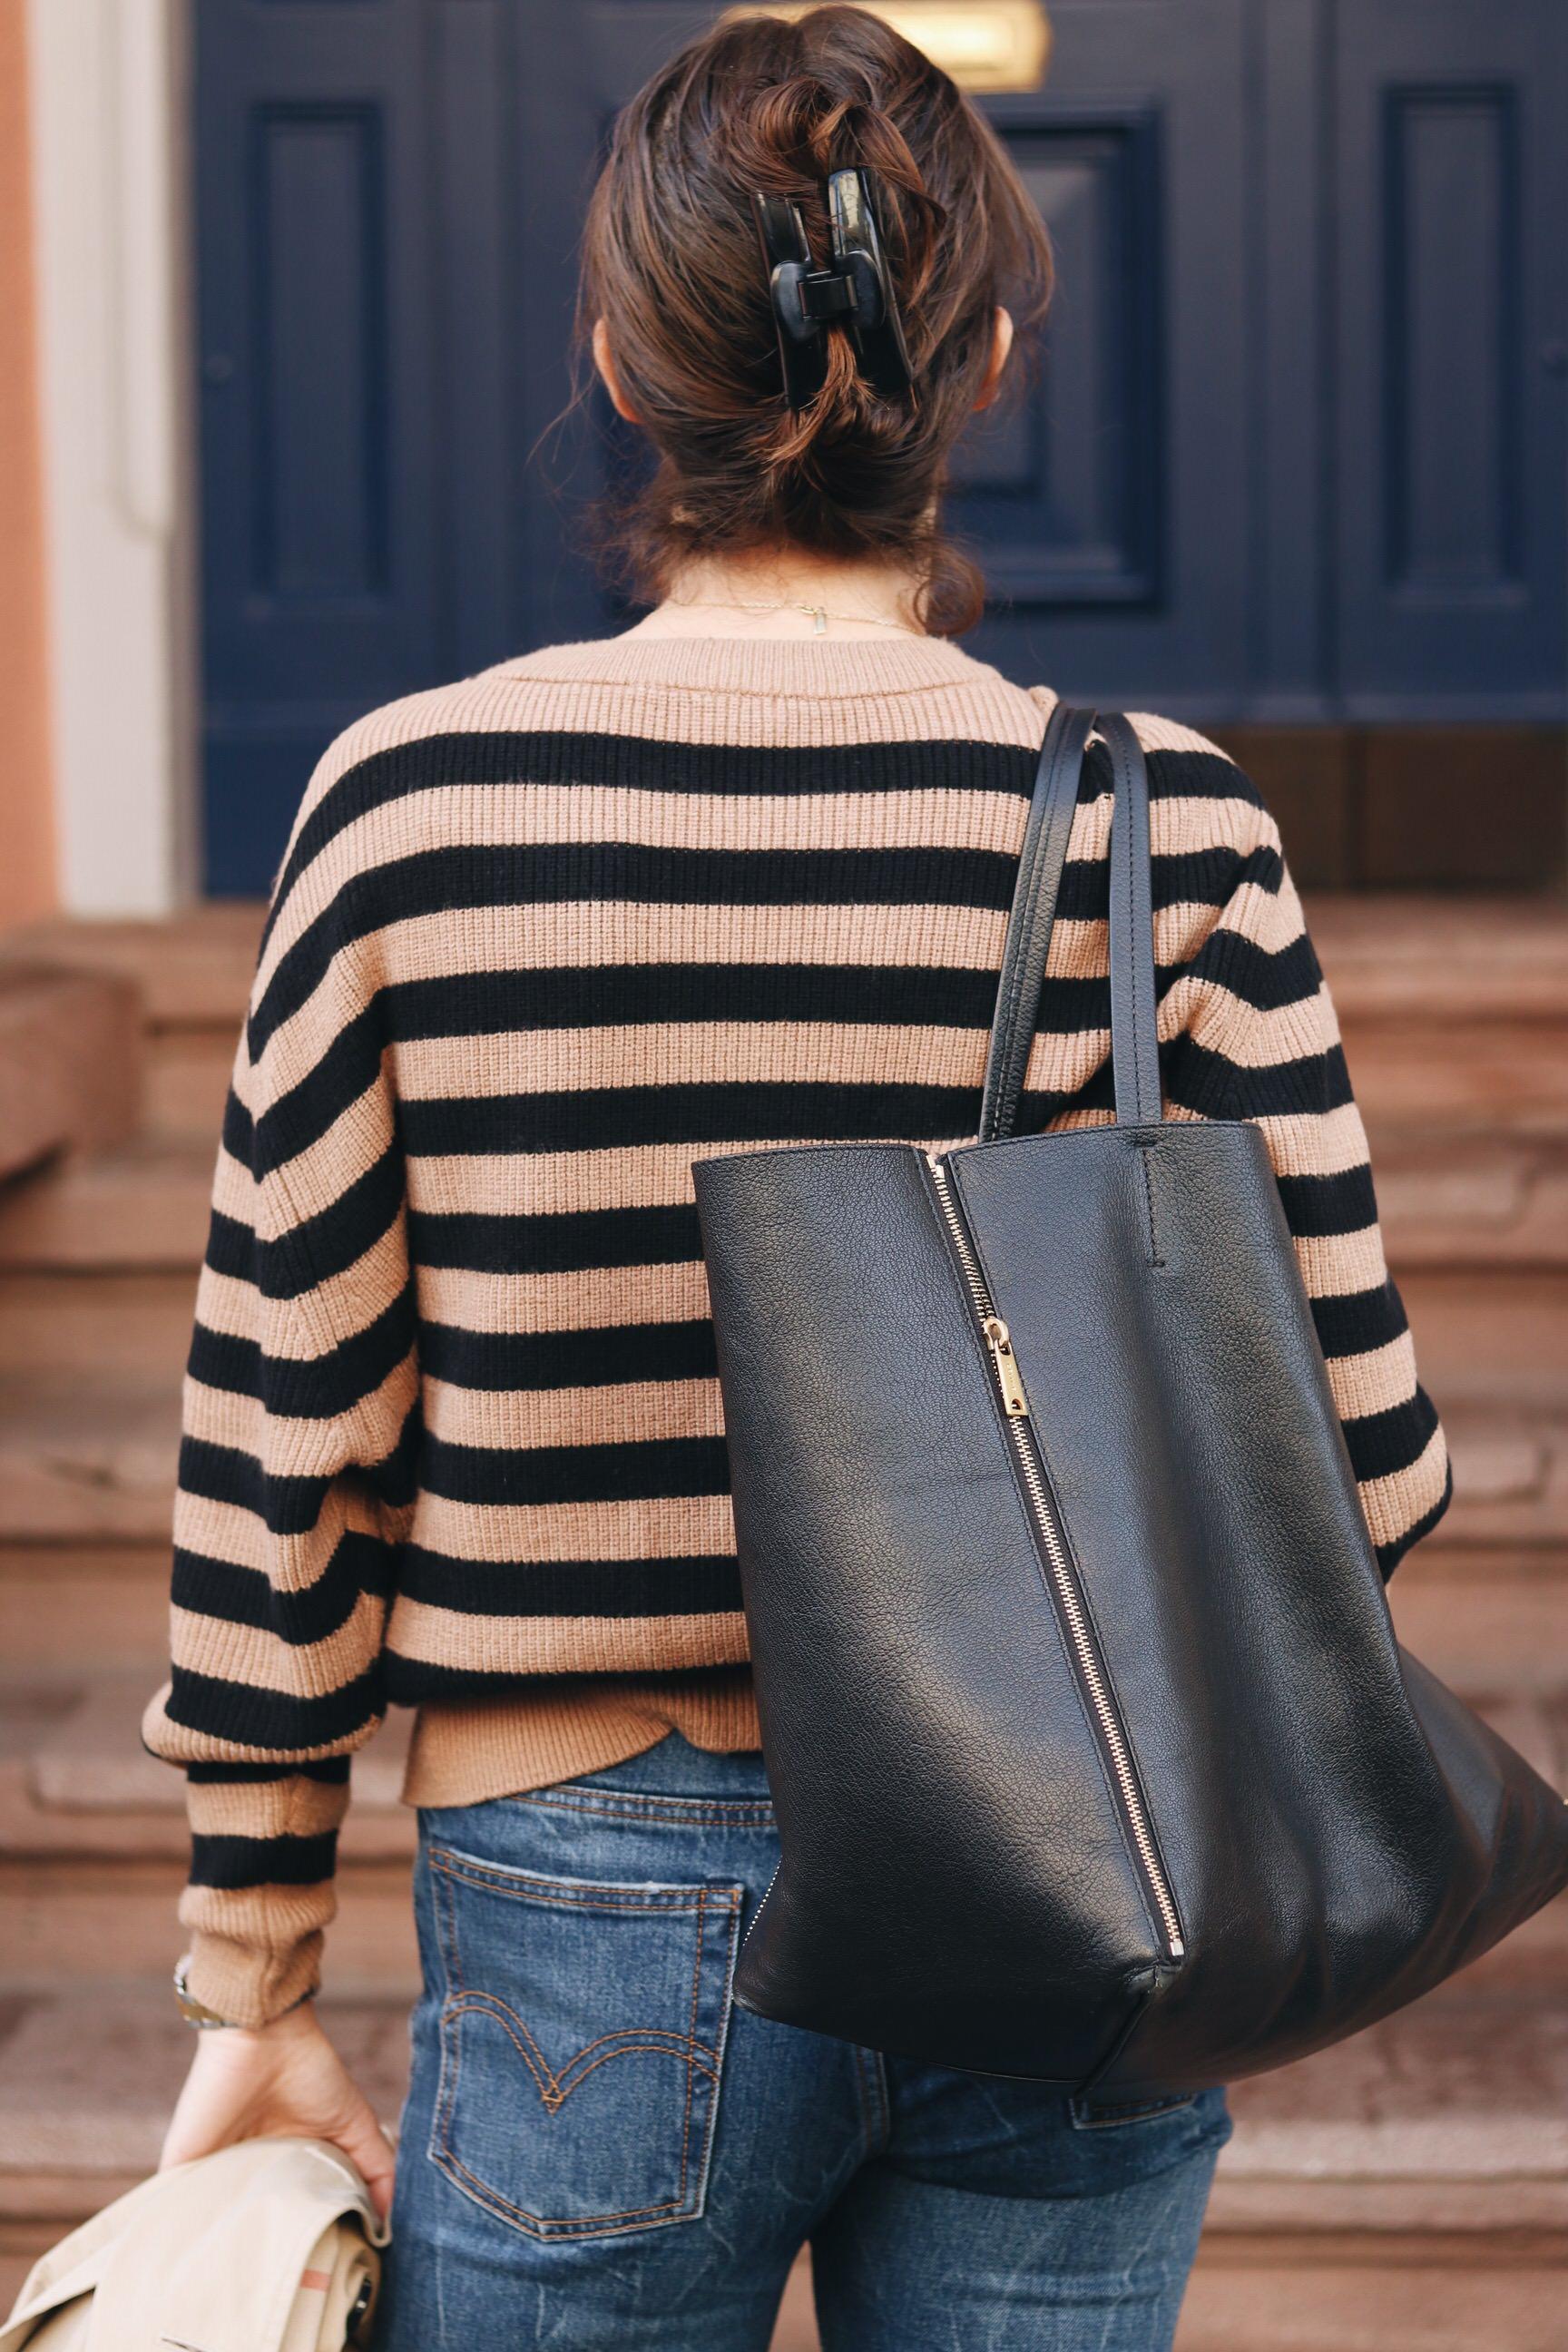 Celine Bag kombinieren Blog